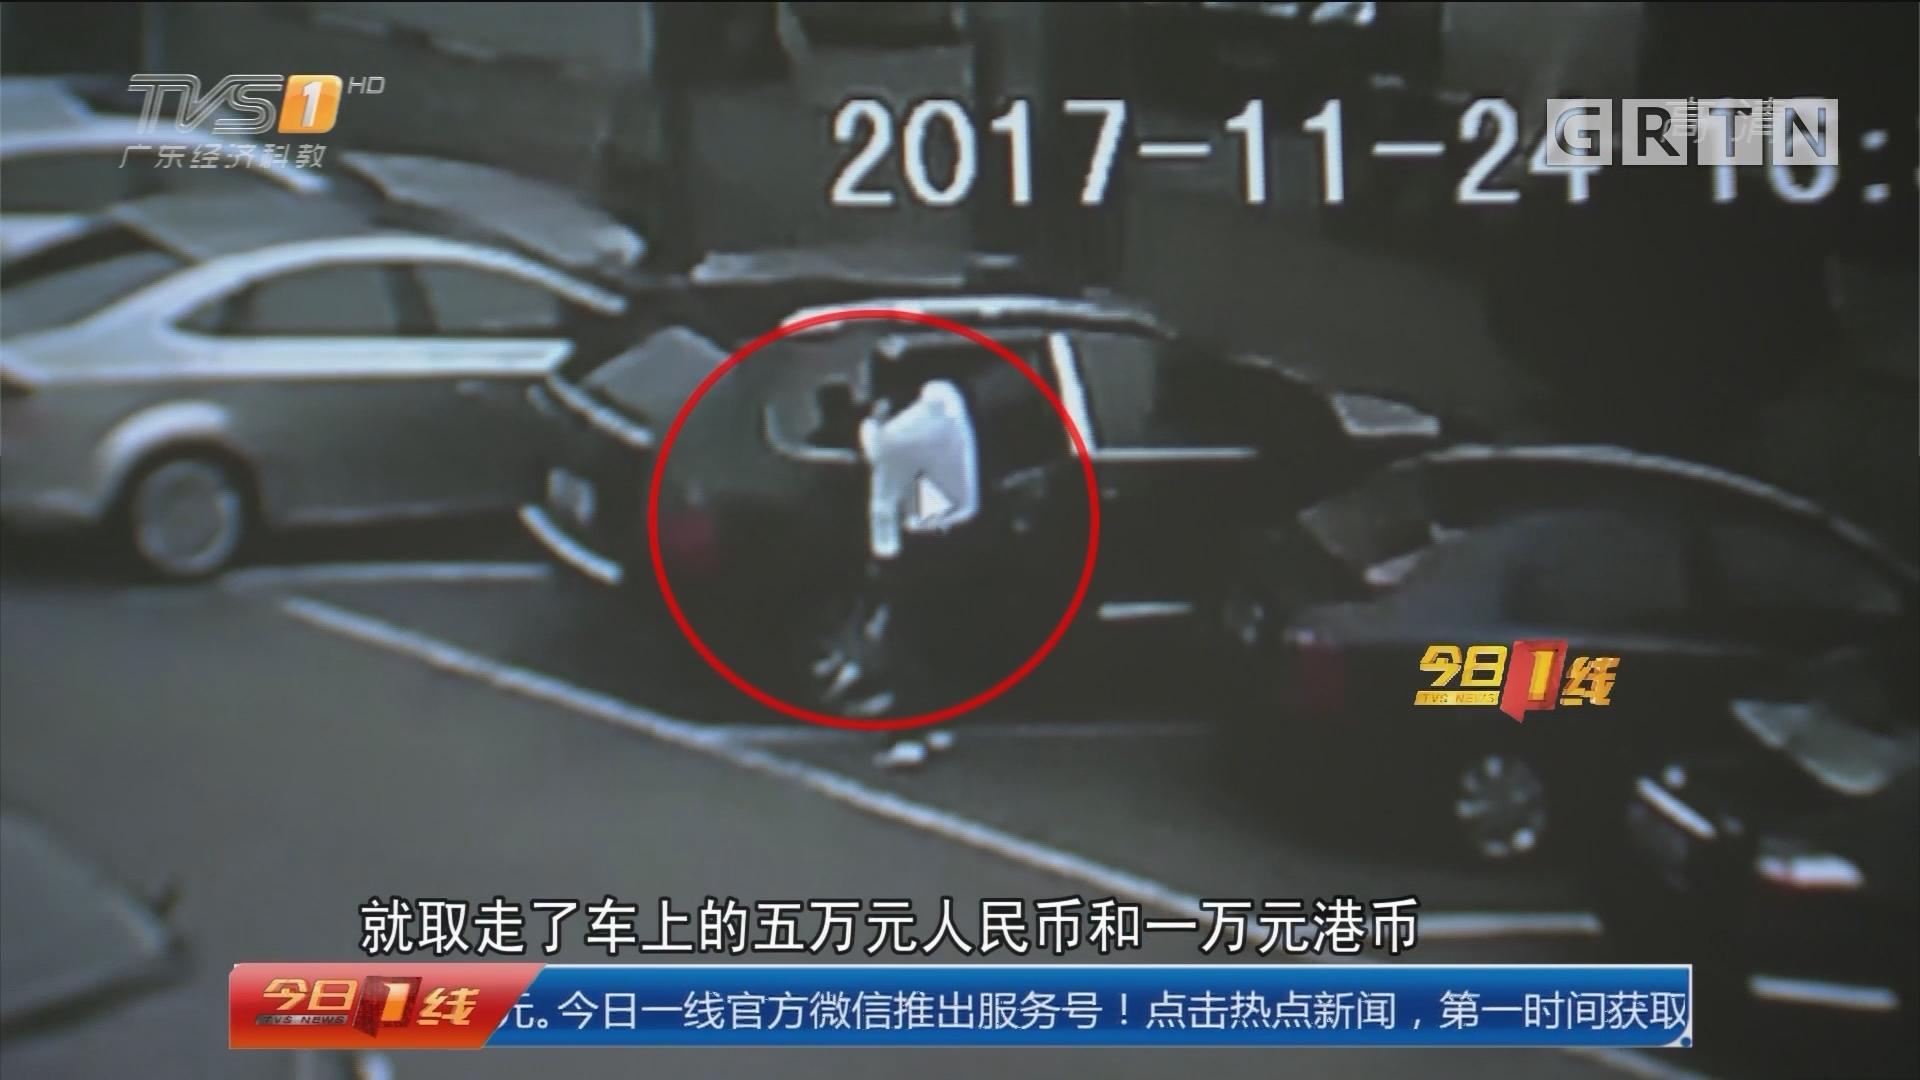 江门开平:遥控锁门时轻拉车门盗窃 团伙被端